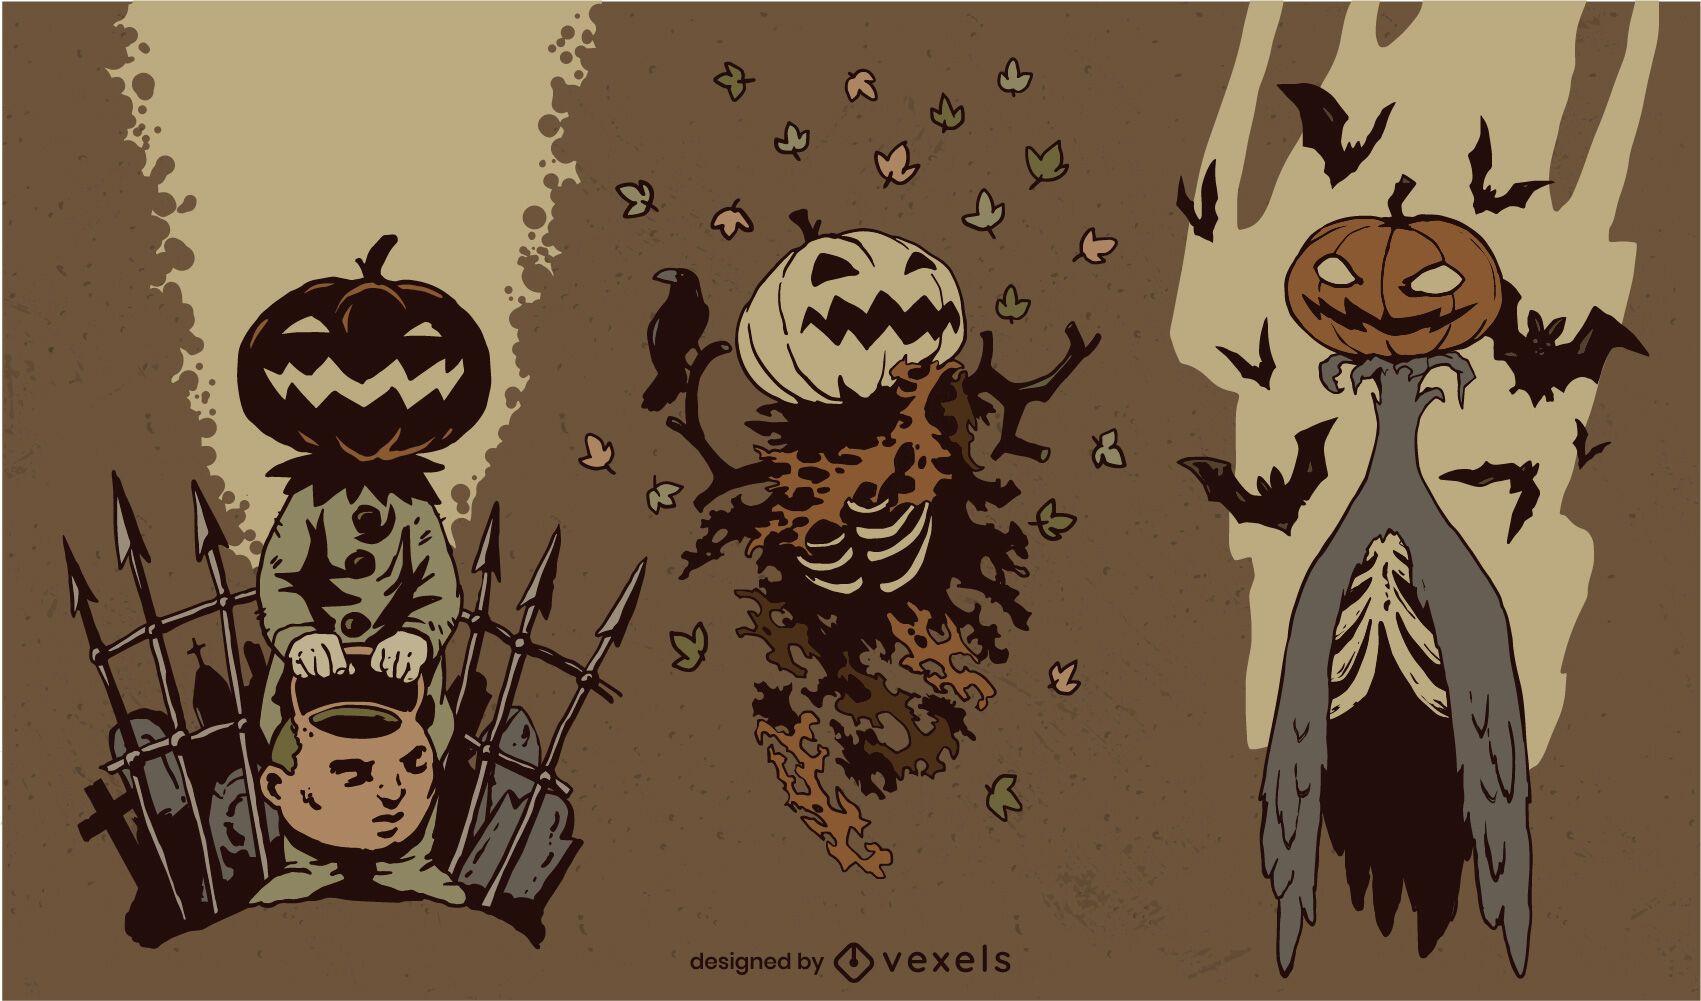 Halloween-Kürbis-Kreaturen-Zeichensatz